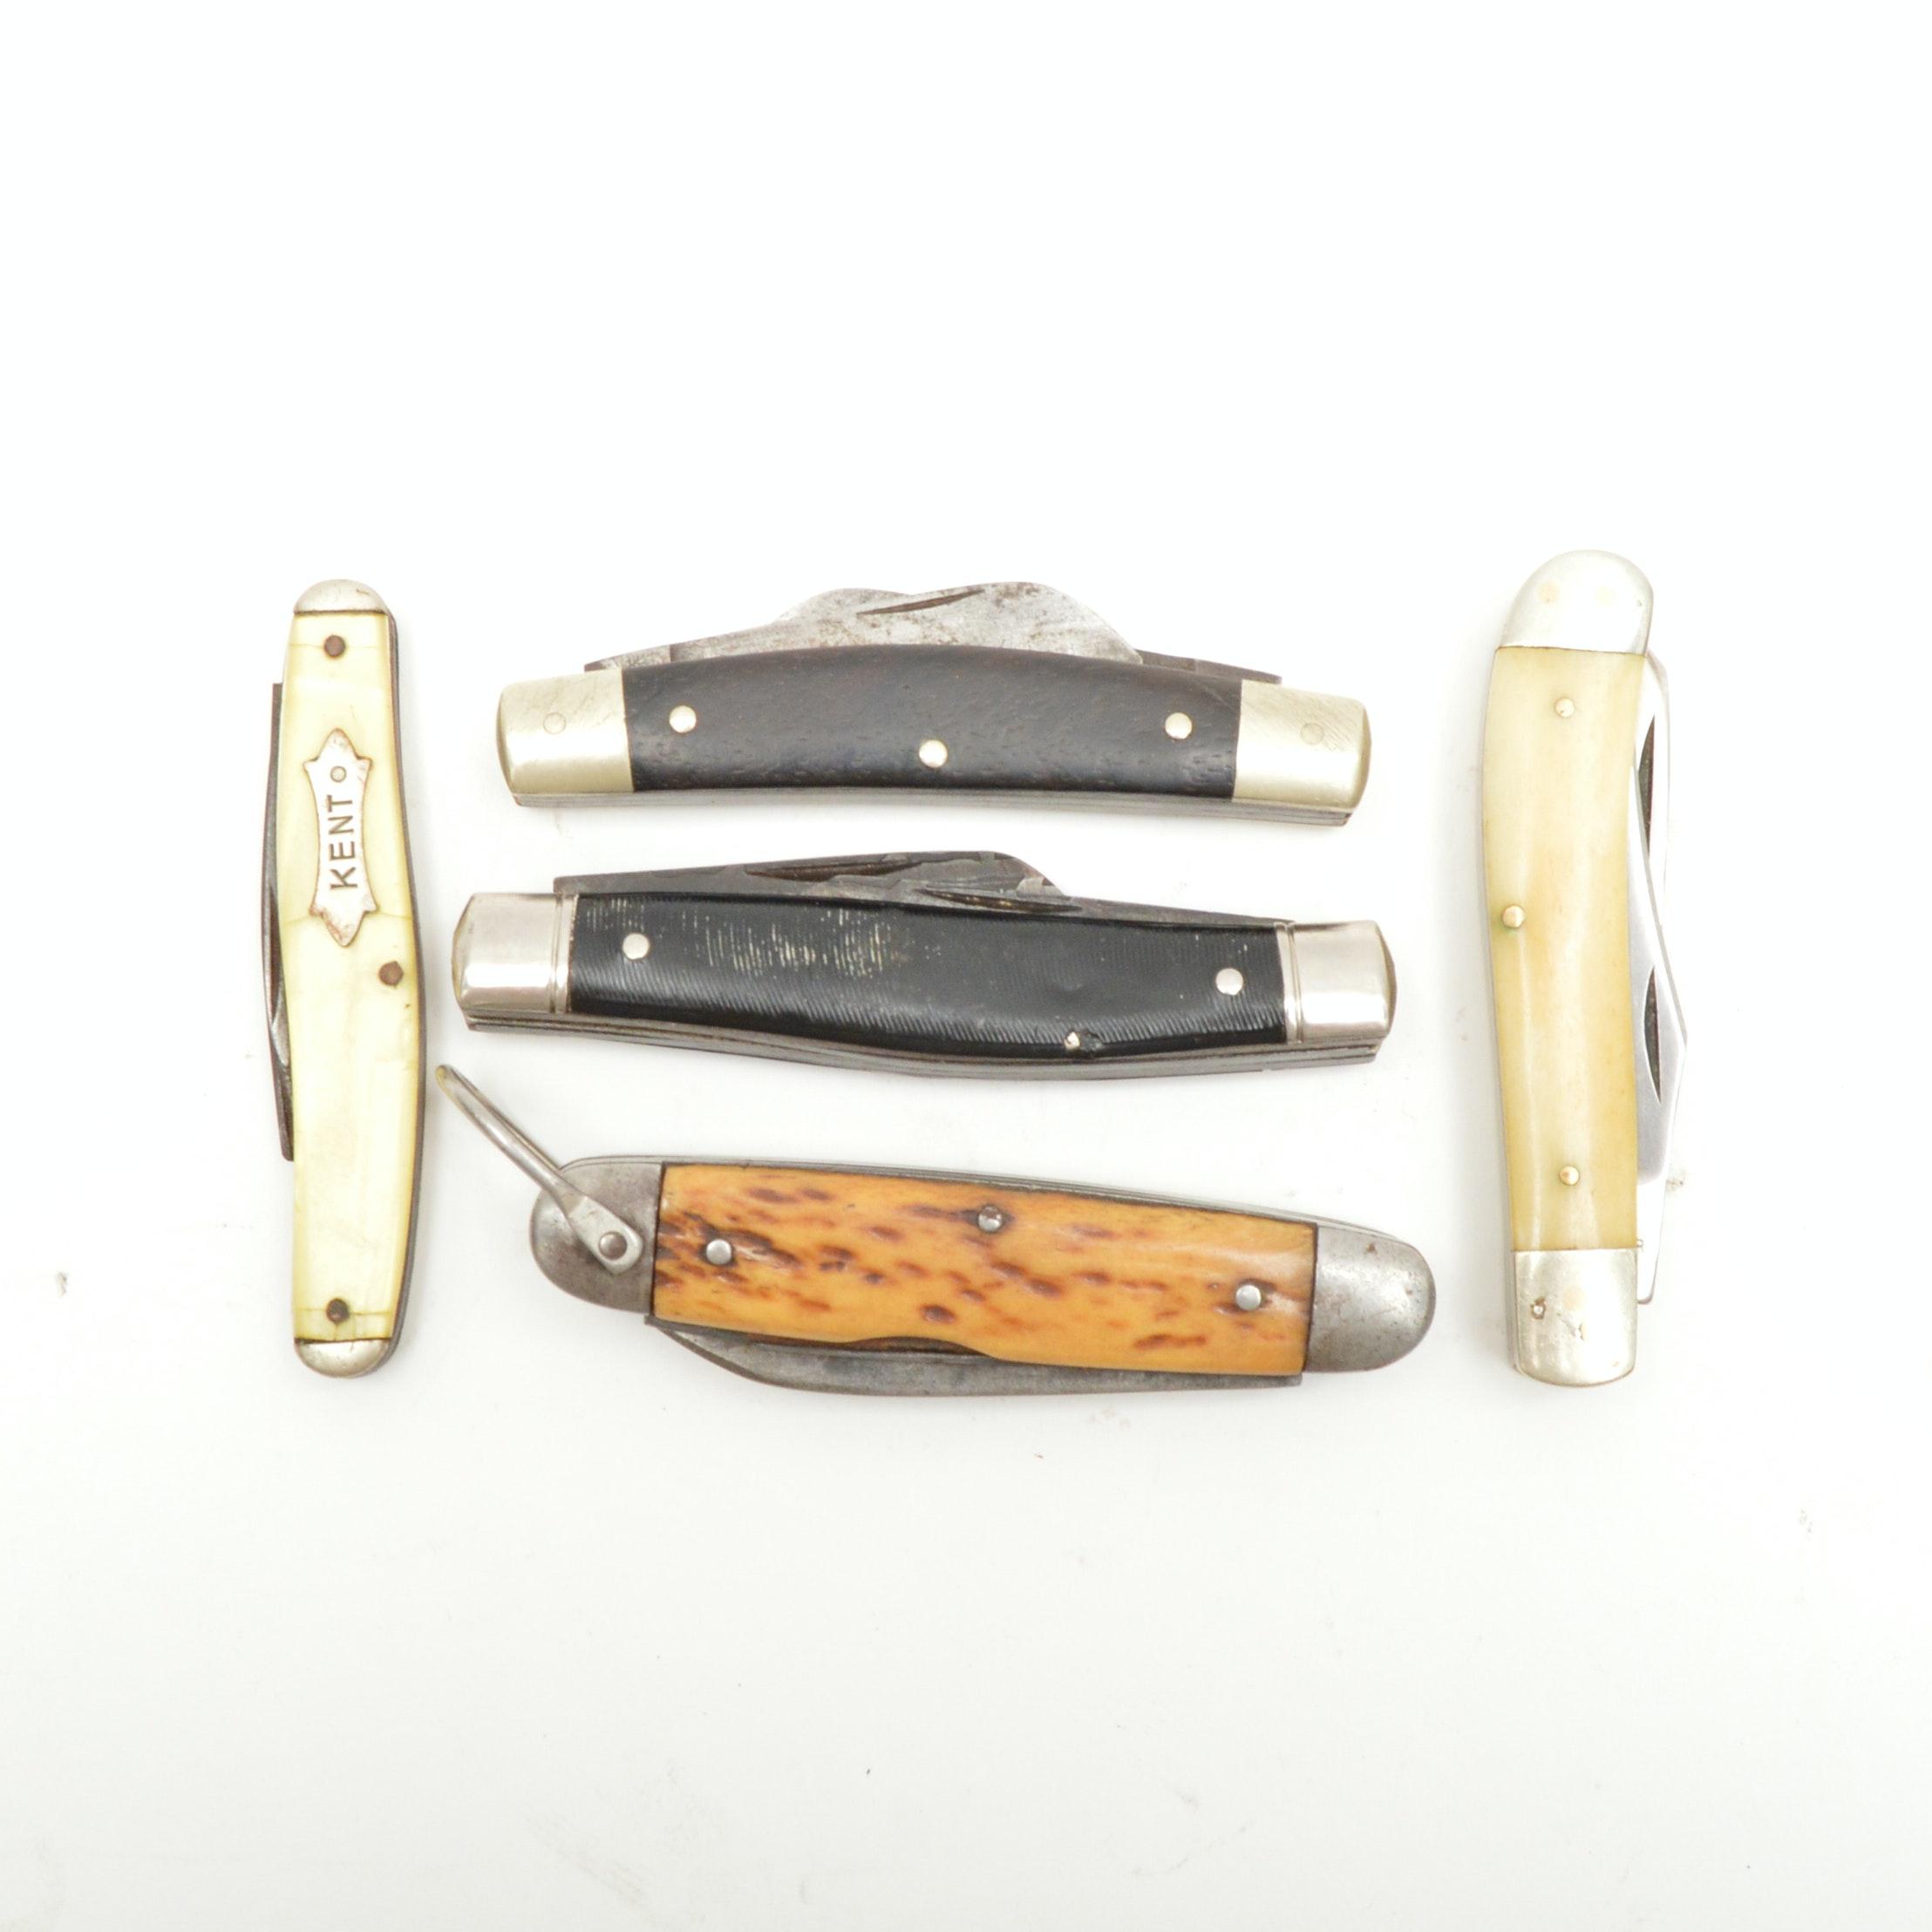 Vintage Pocket Knives Including Boker